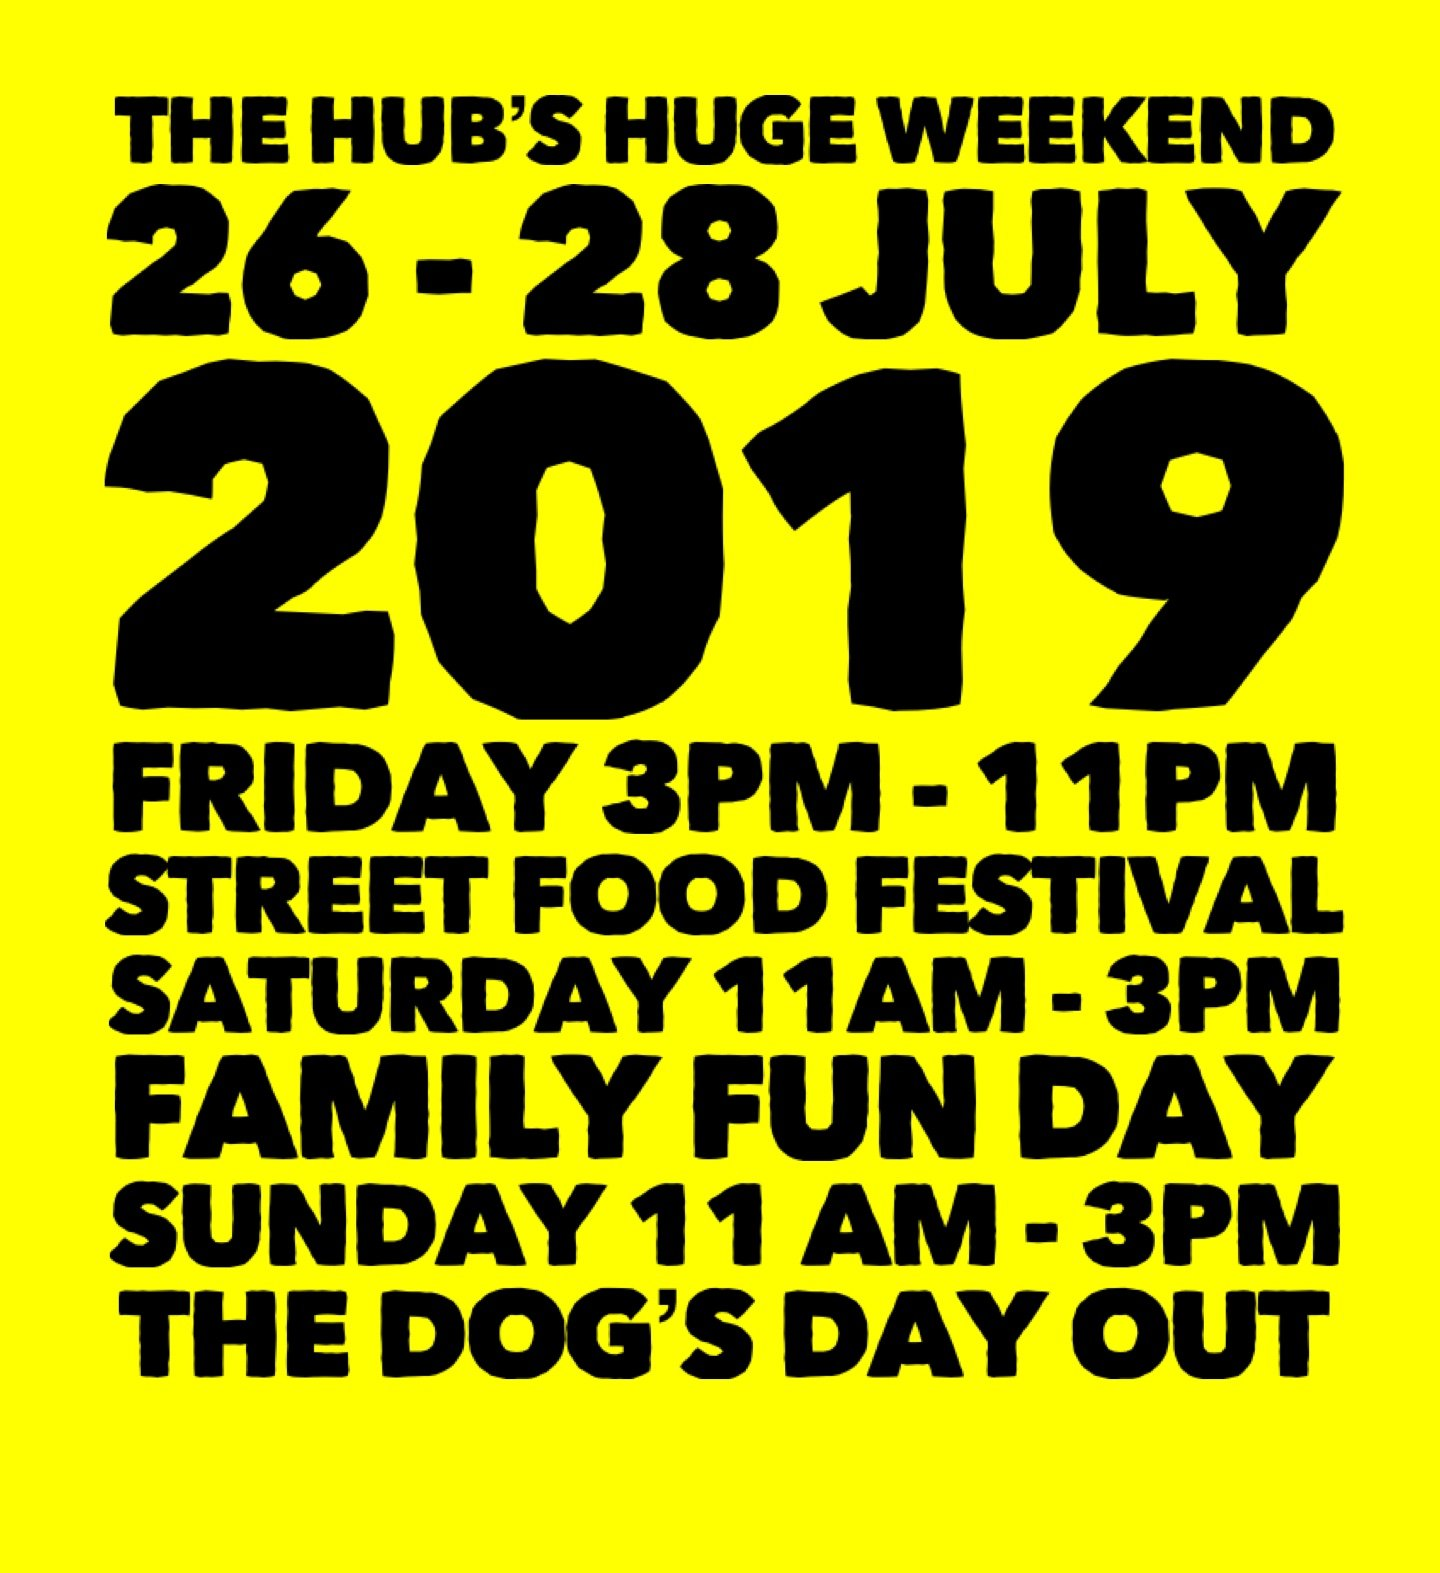 THE HUB'S HUGE WEEKEND!